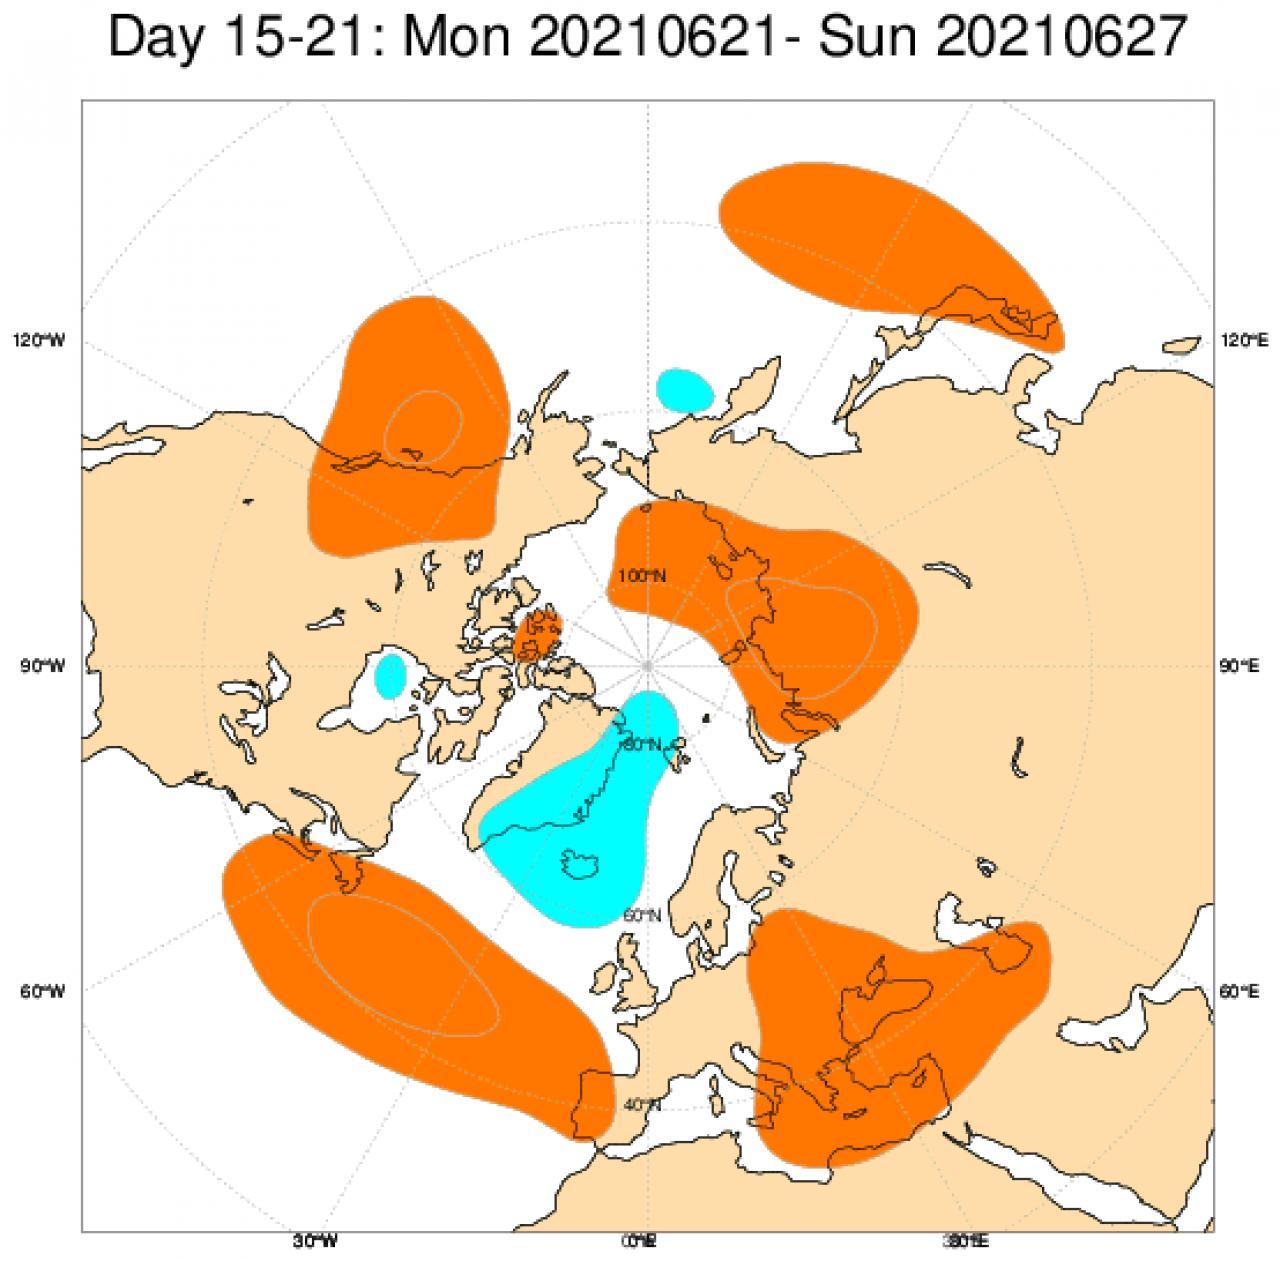 Tendenza meteo tra il 21 e il 27 giugno secondo il modello ECMWF